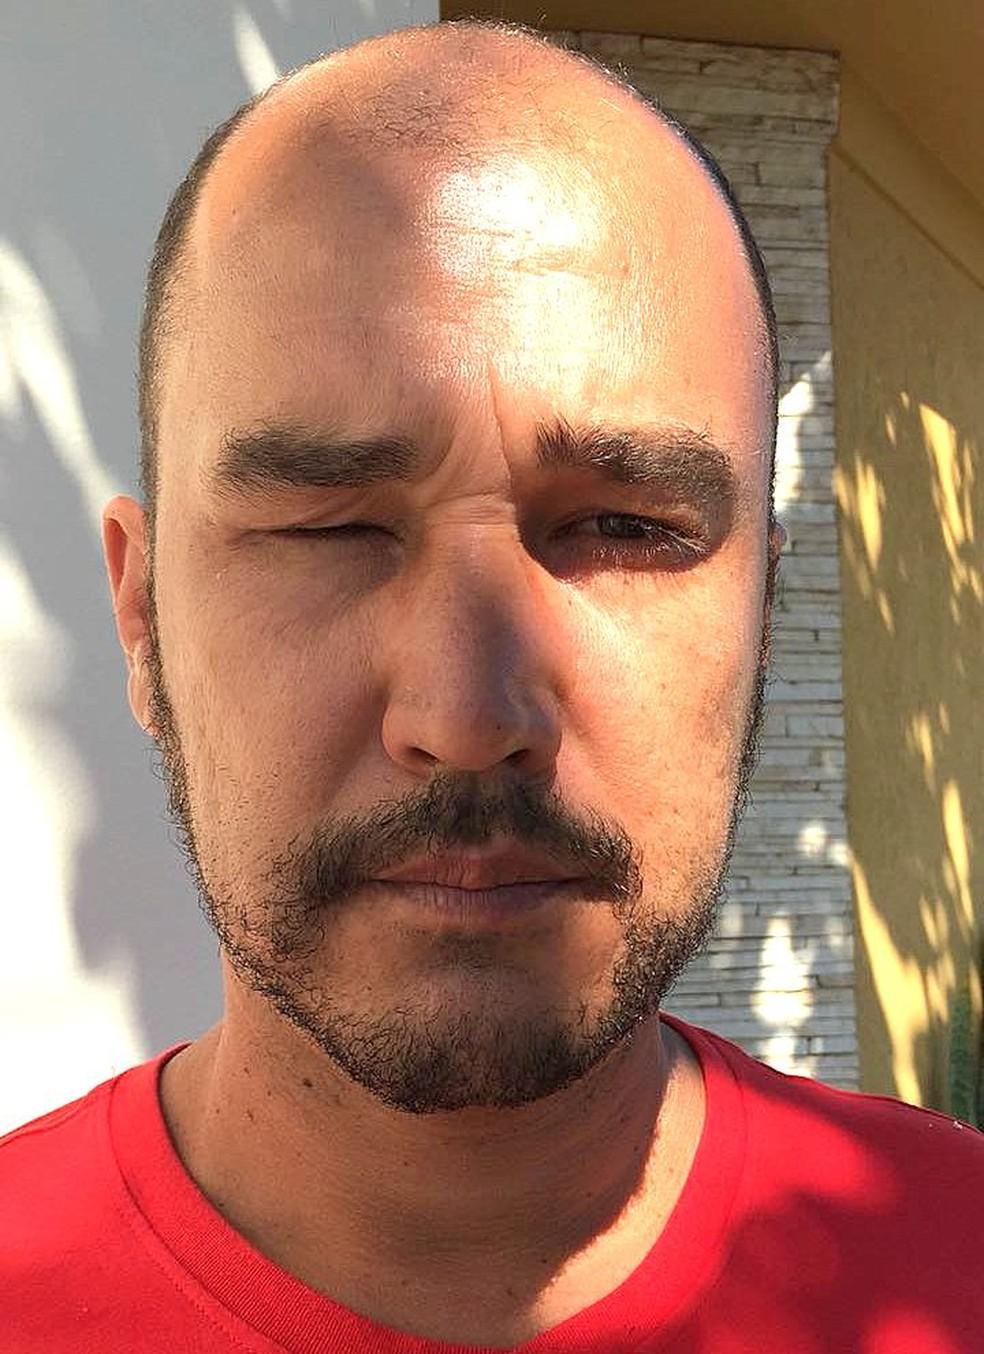 Adriano Domiciniano ficou com a visão comprometida (Foto: Arquivo pessoal)